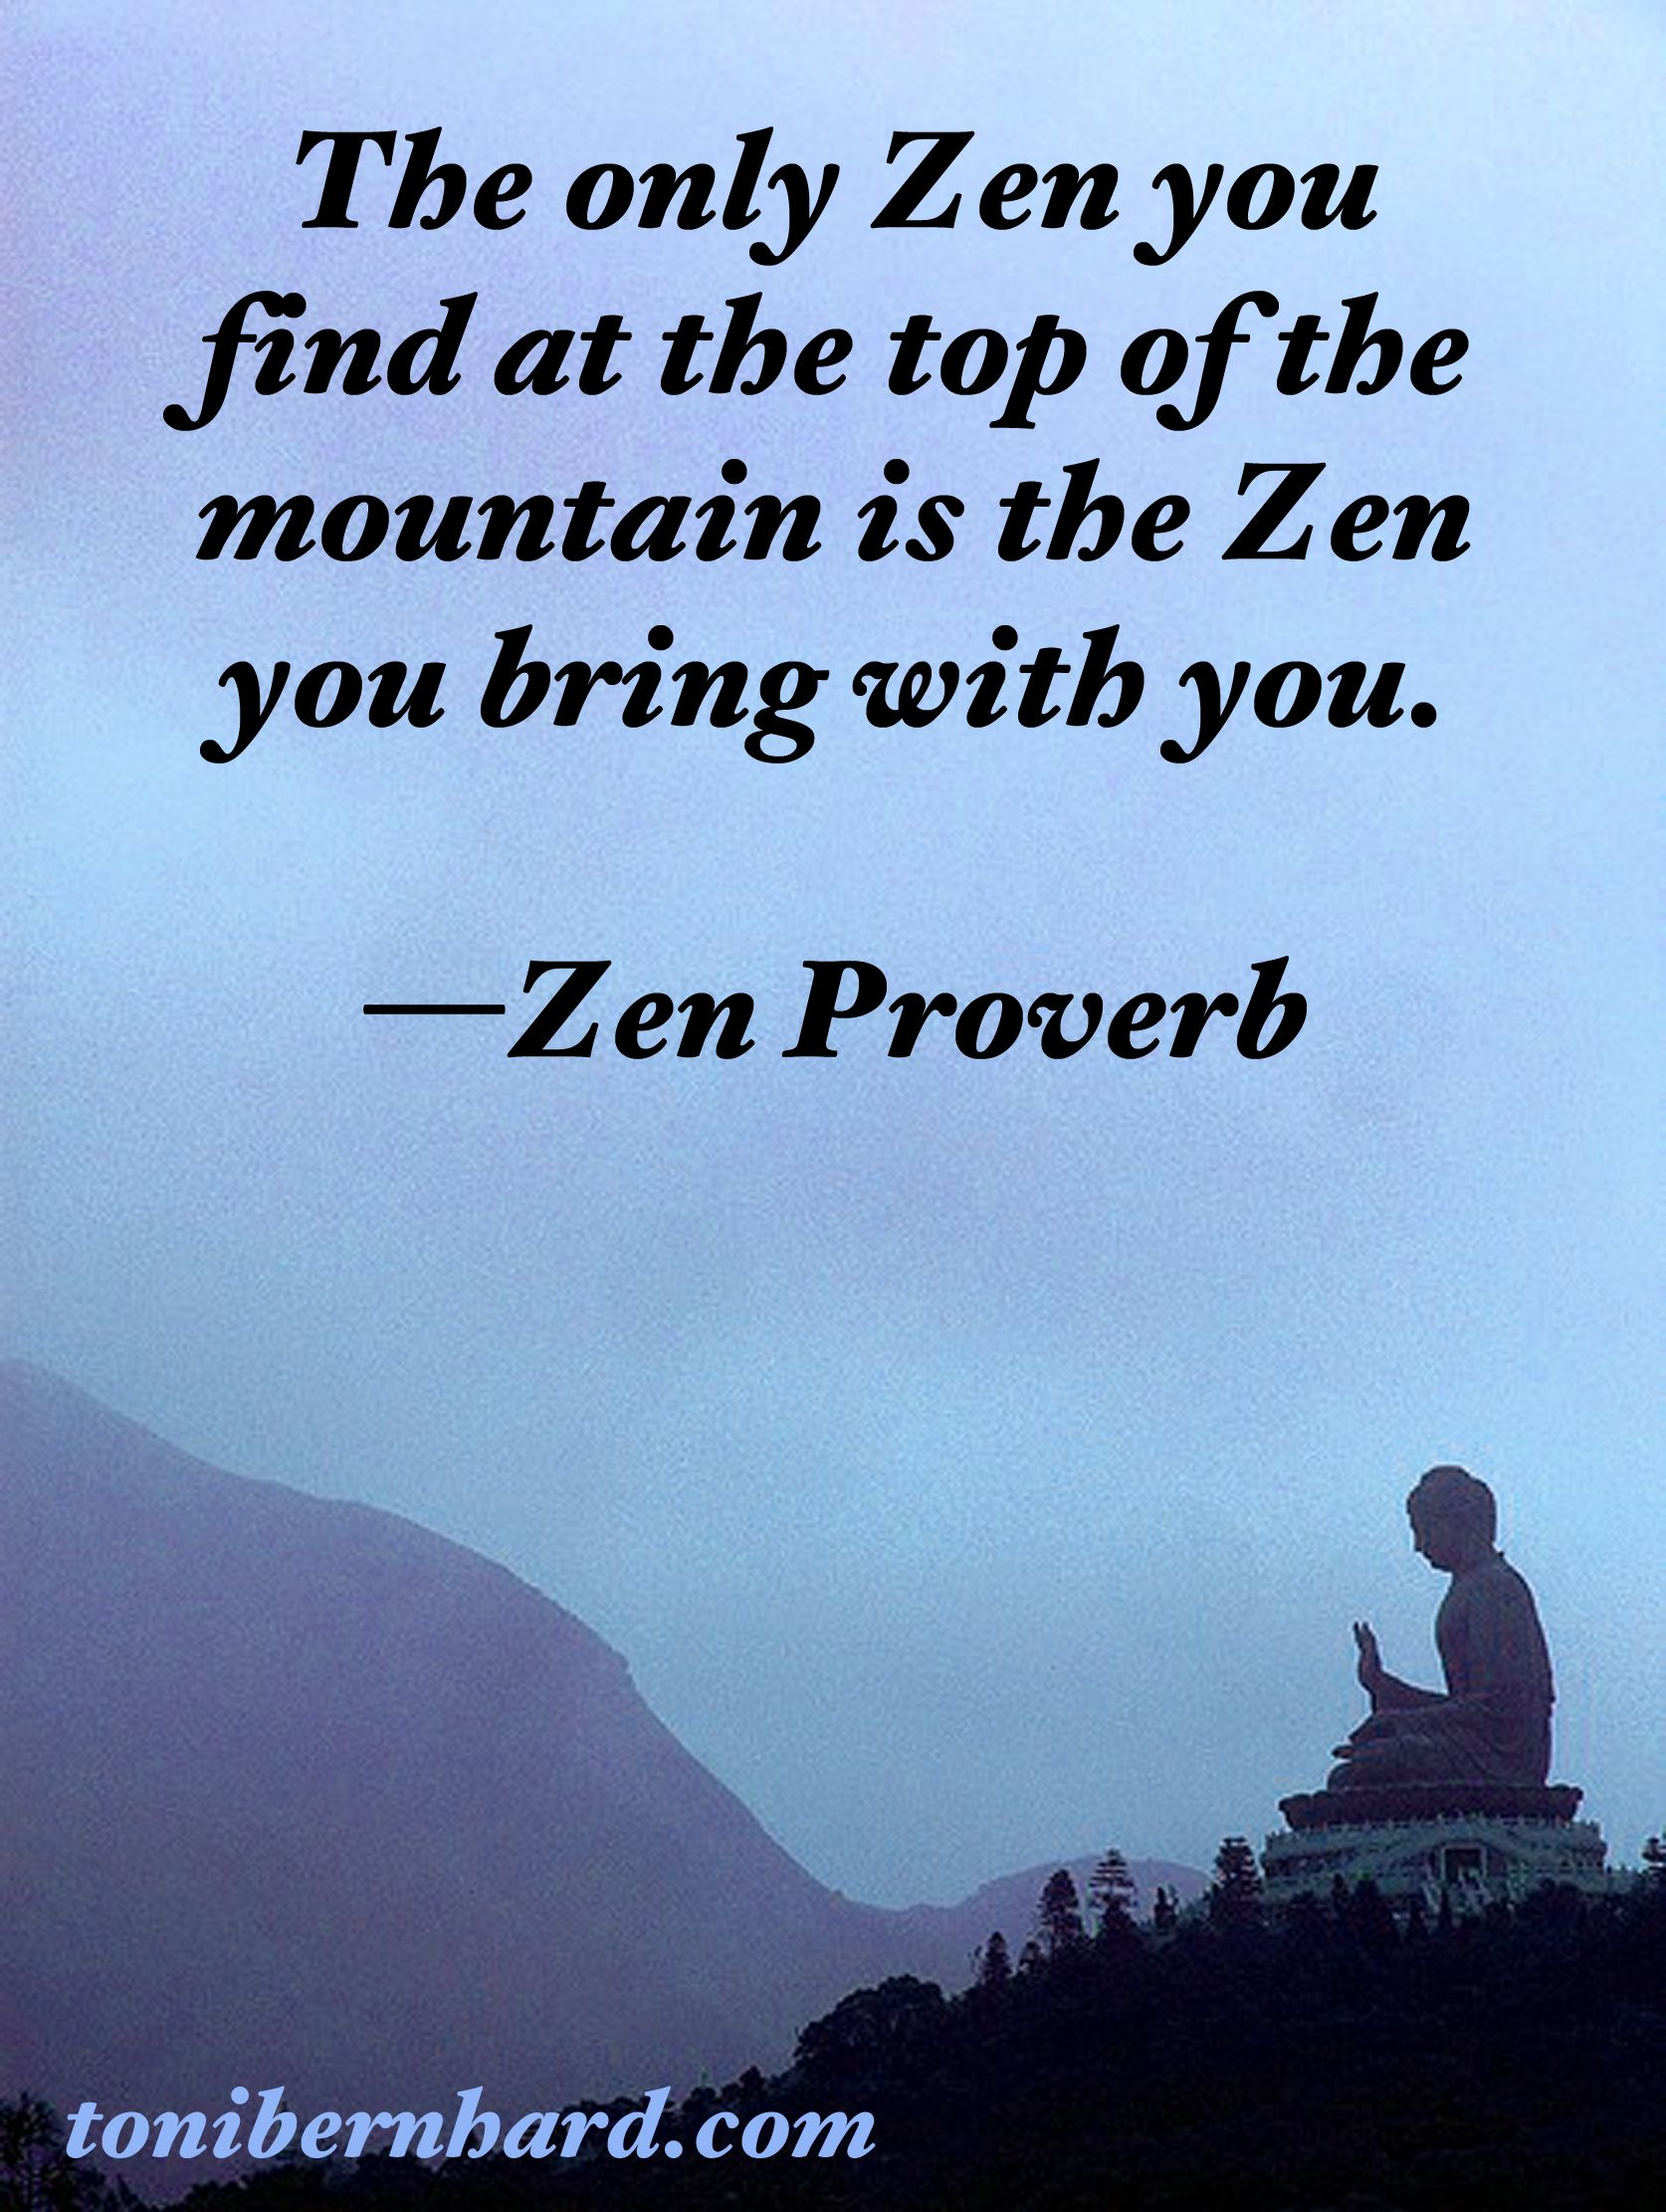 Zen Proverb Calming Effects Zen Quotes Zen Zen Proverbs